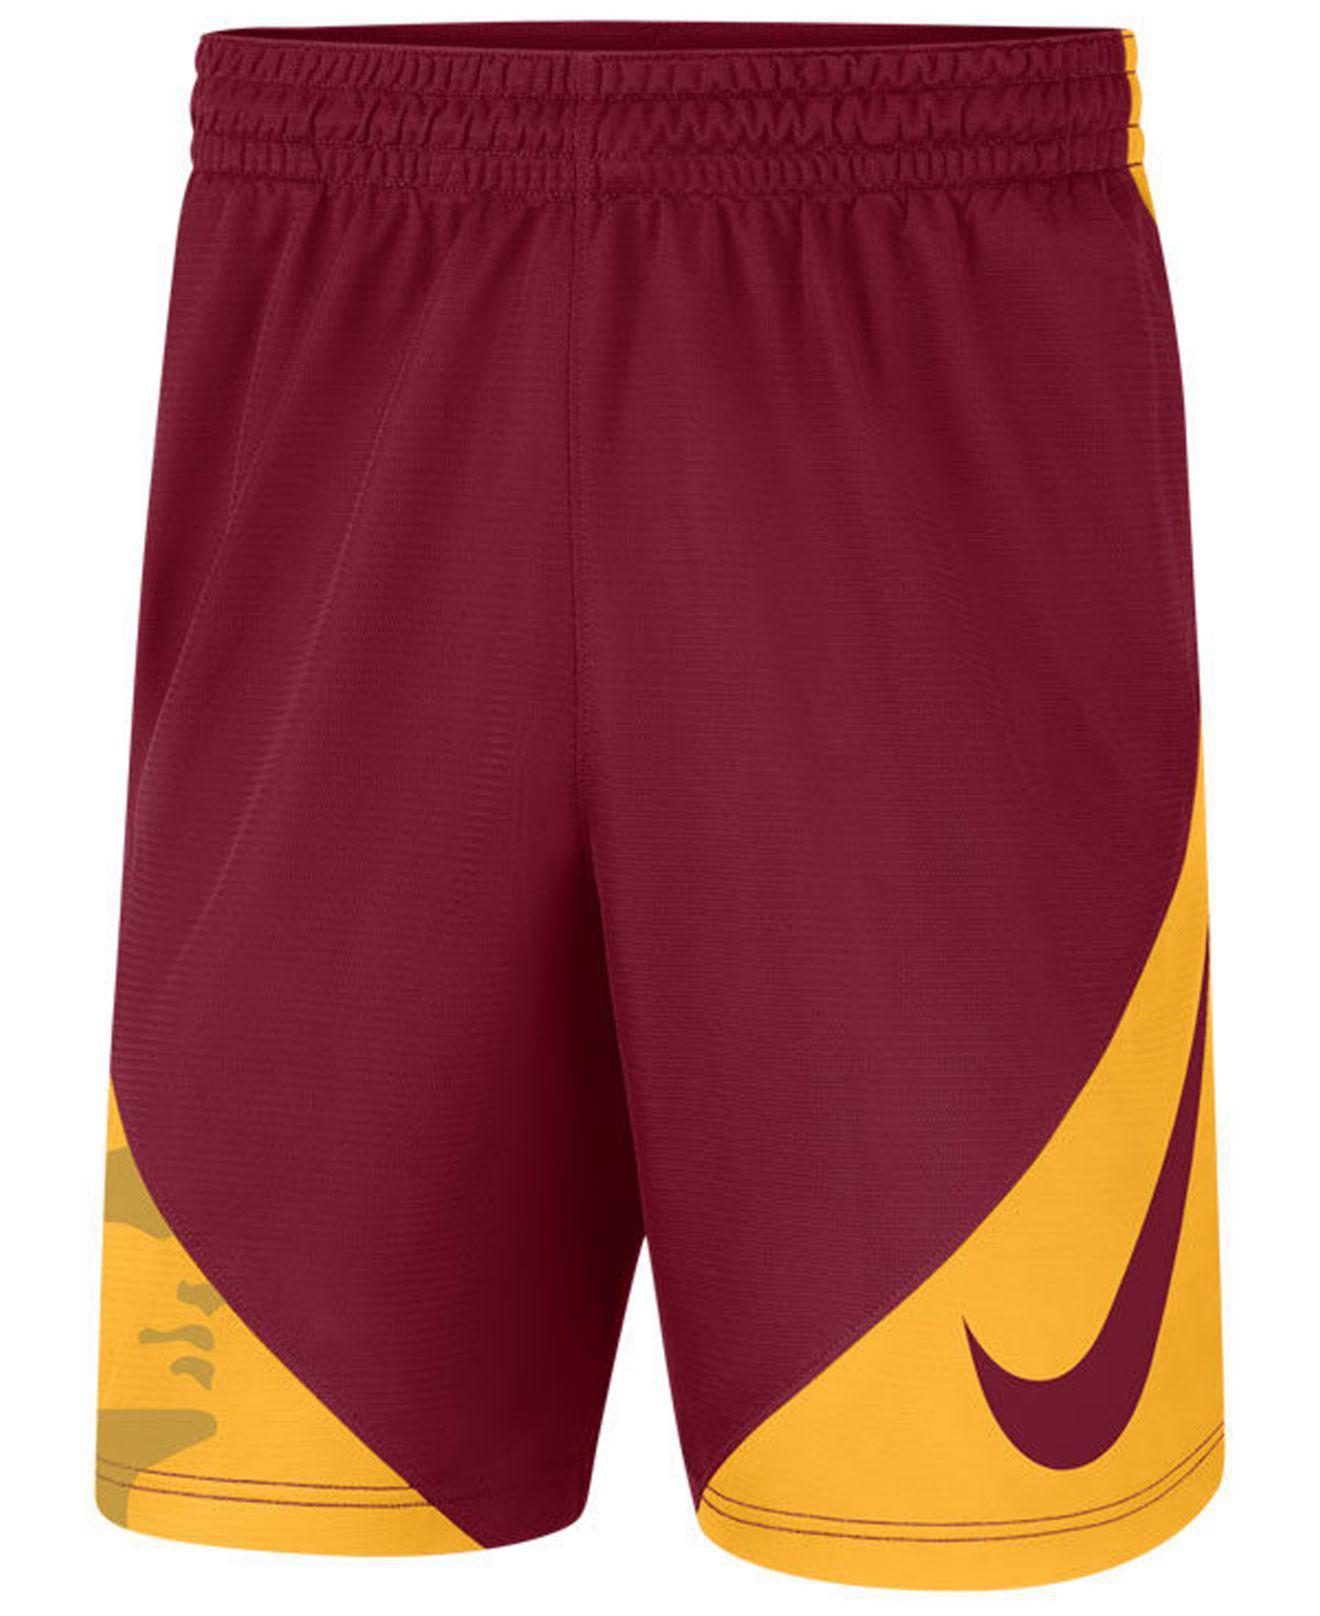 d9c2045933e Lyst - Nike Usc Trojans Hybrid Shorts in Purple for Men